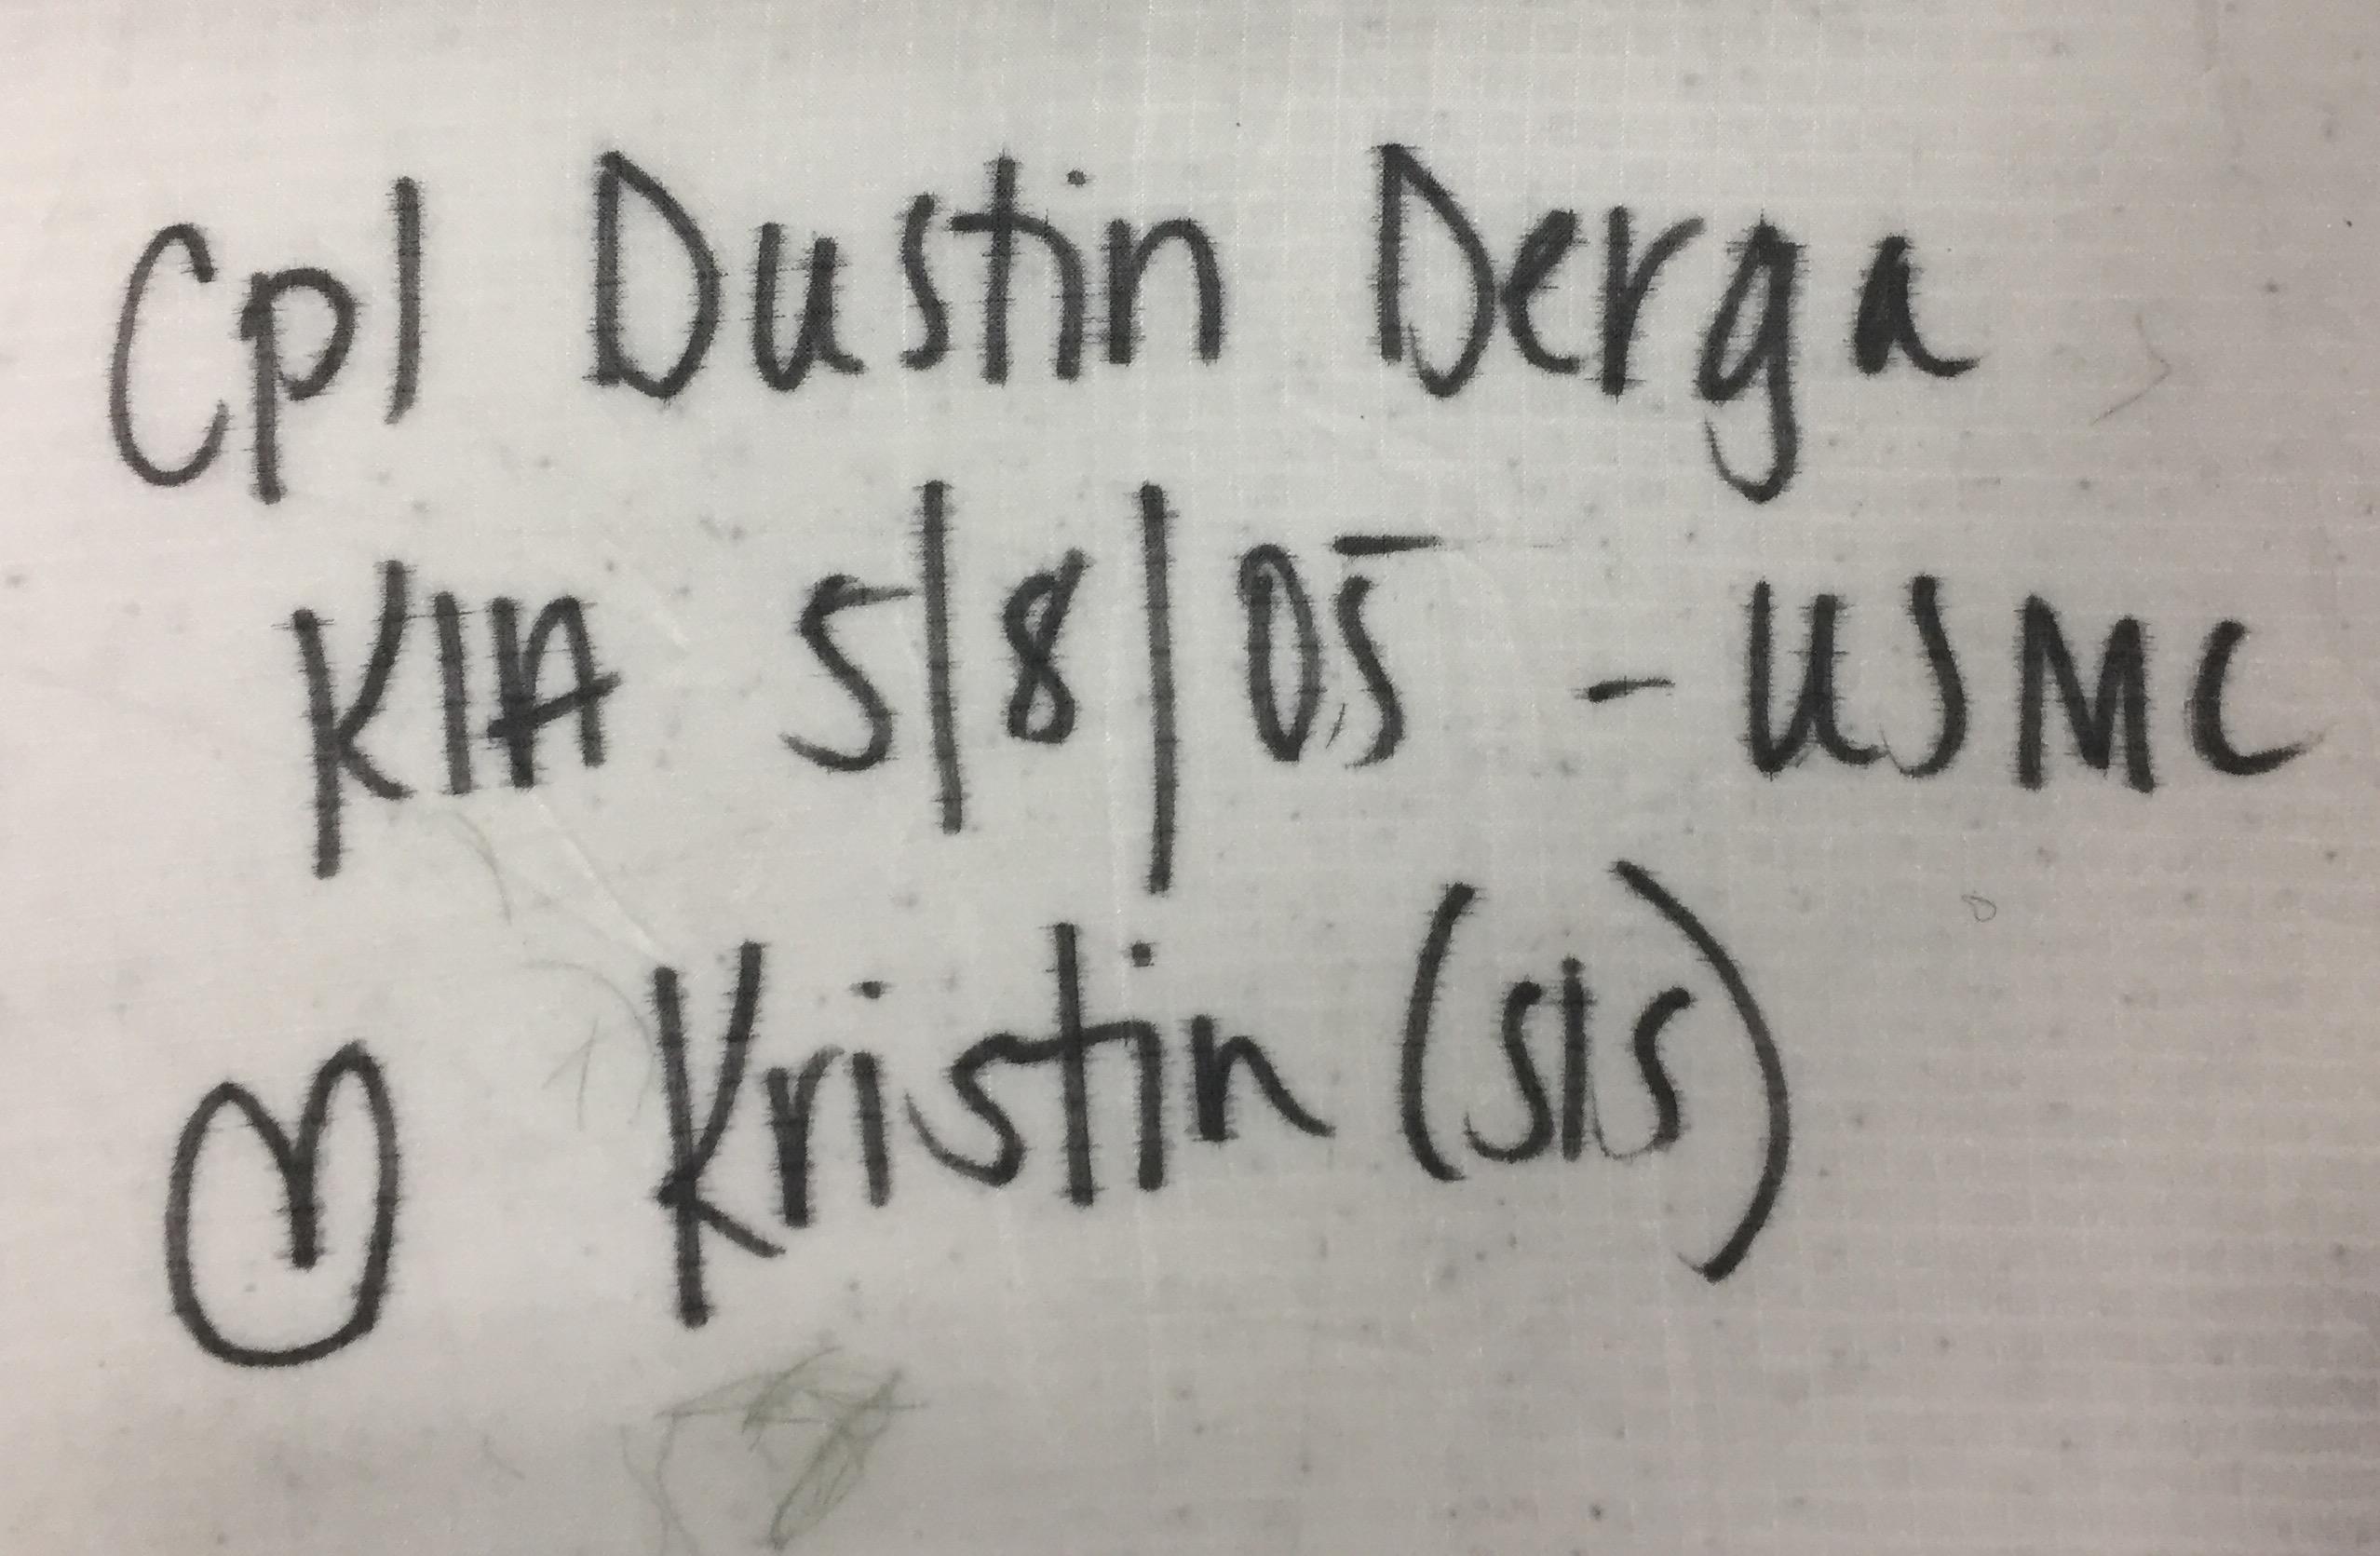 Cpl-Dustin-Derga3